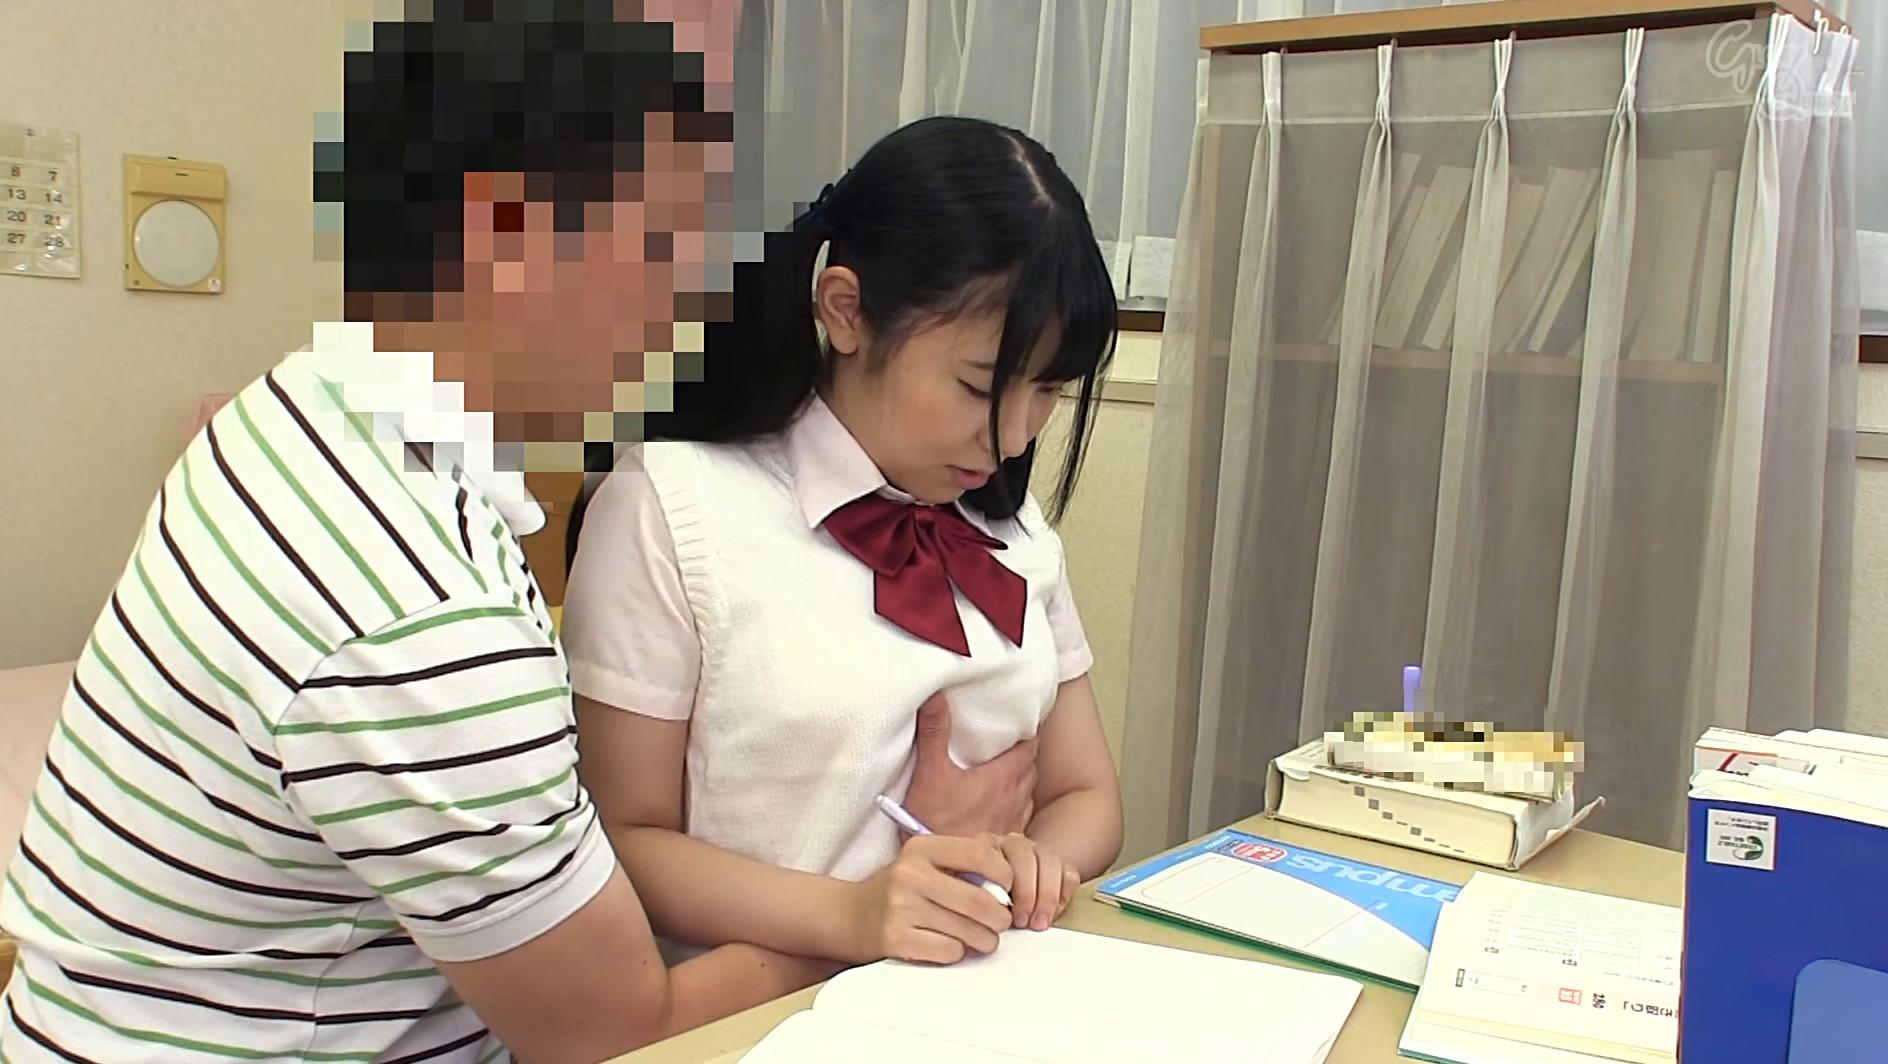 家庭教師が巨乳受験生にした事の全記録 BEST vol.5 8時間1